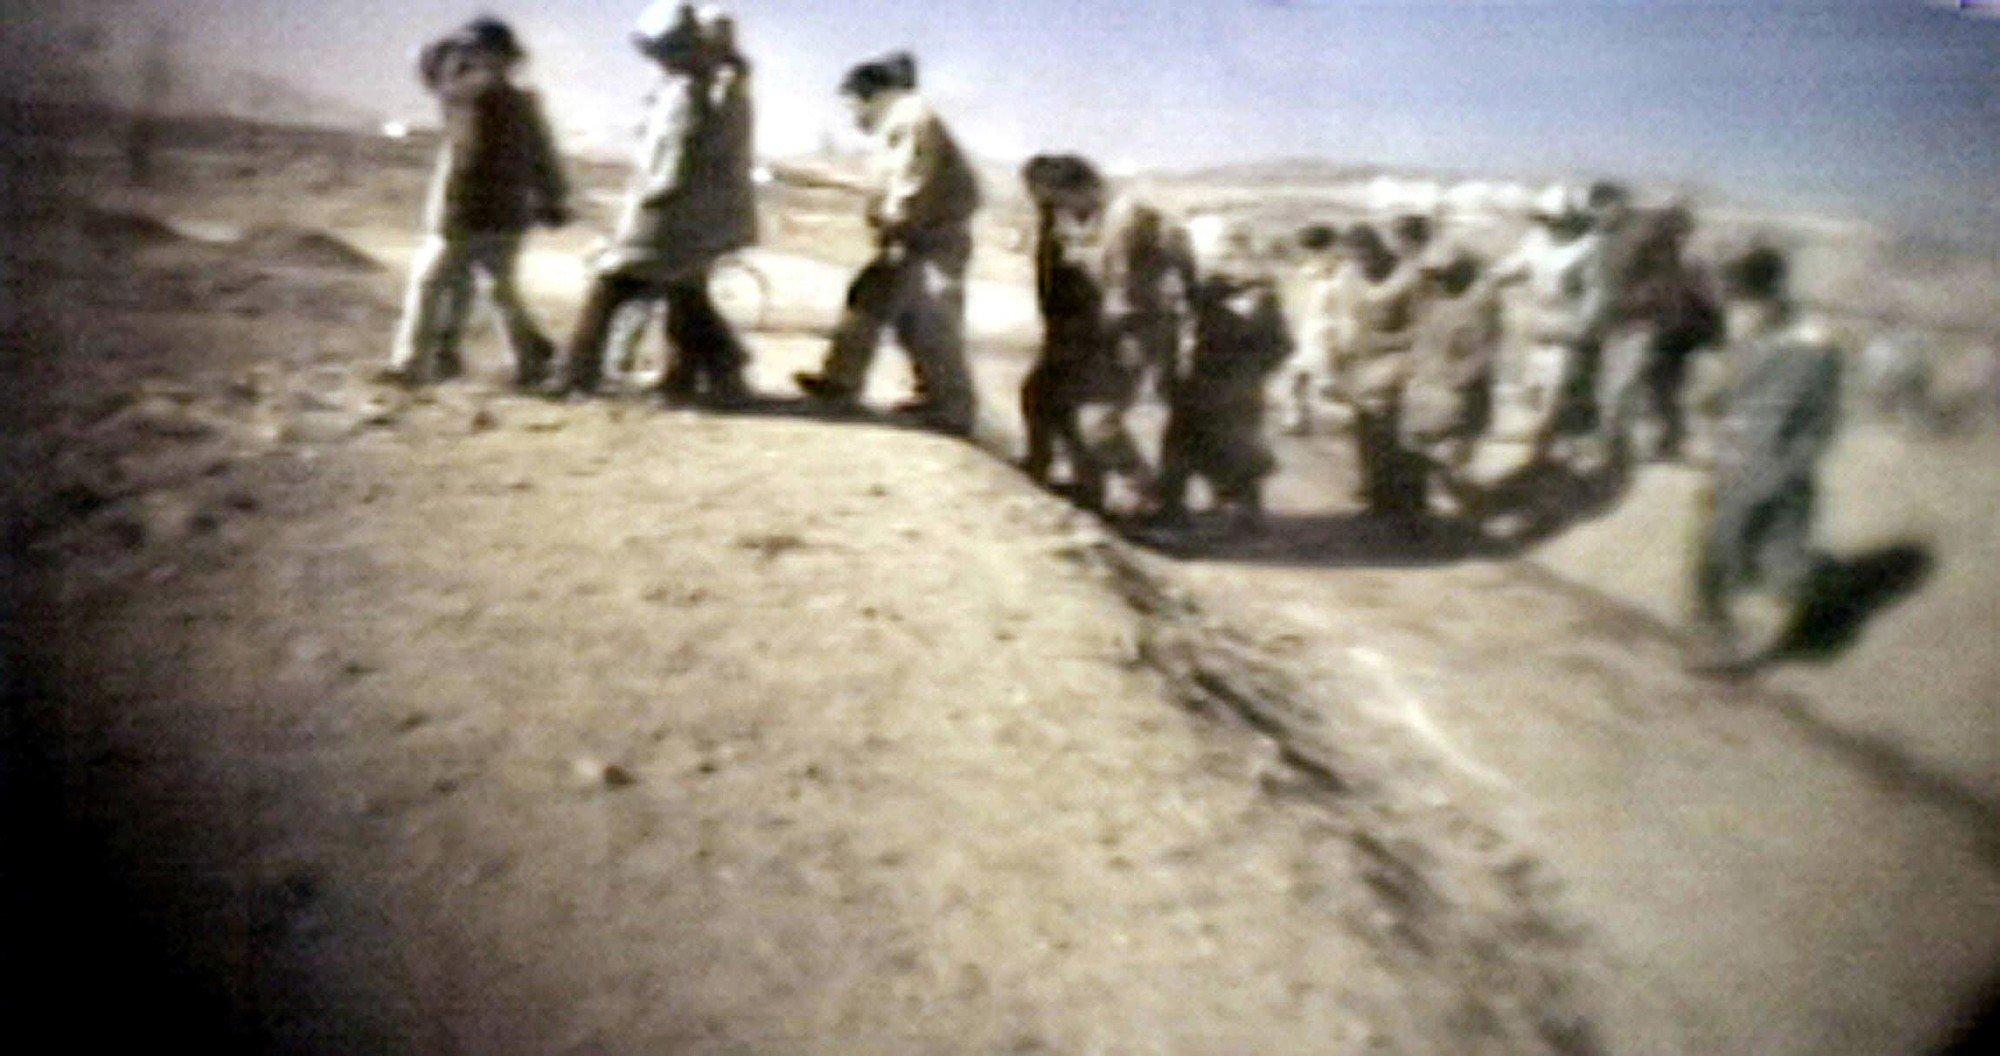 自由亞洲電台援引消息說,北韓勞改營內的非人道生活每況愈下,但當局卻視而不見。圖為2005年3月16日,日本一家電視台所播出的北韓囚犯被公開處決的畫面。(AFP/JIJI PRESS)